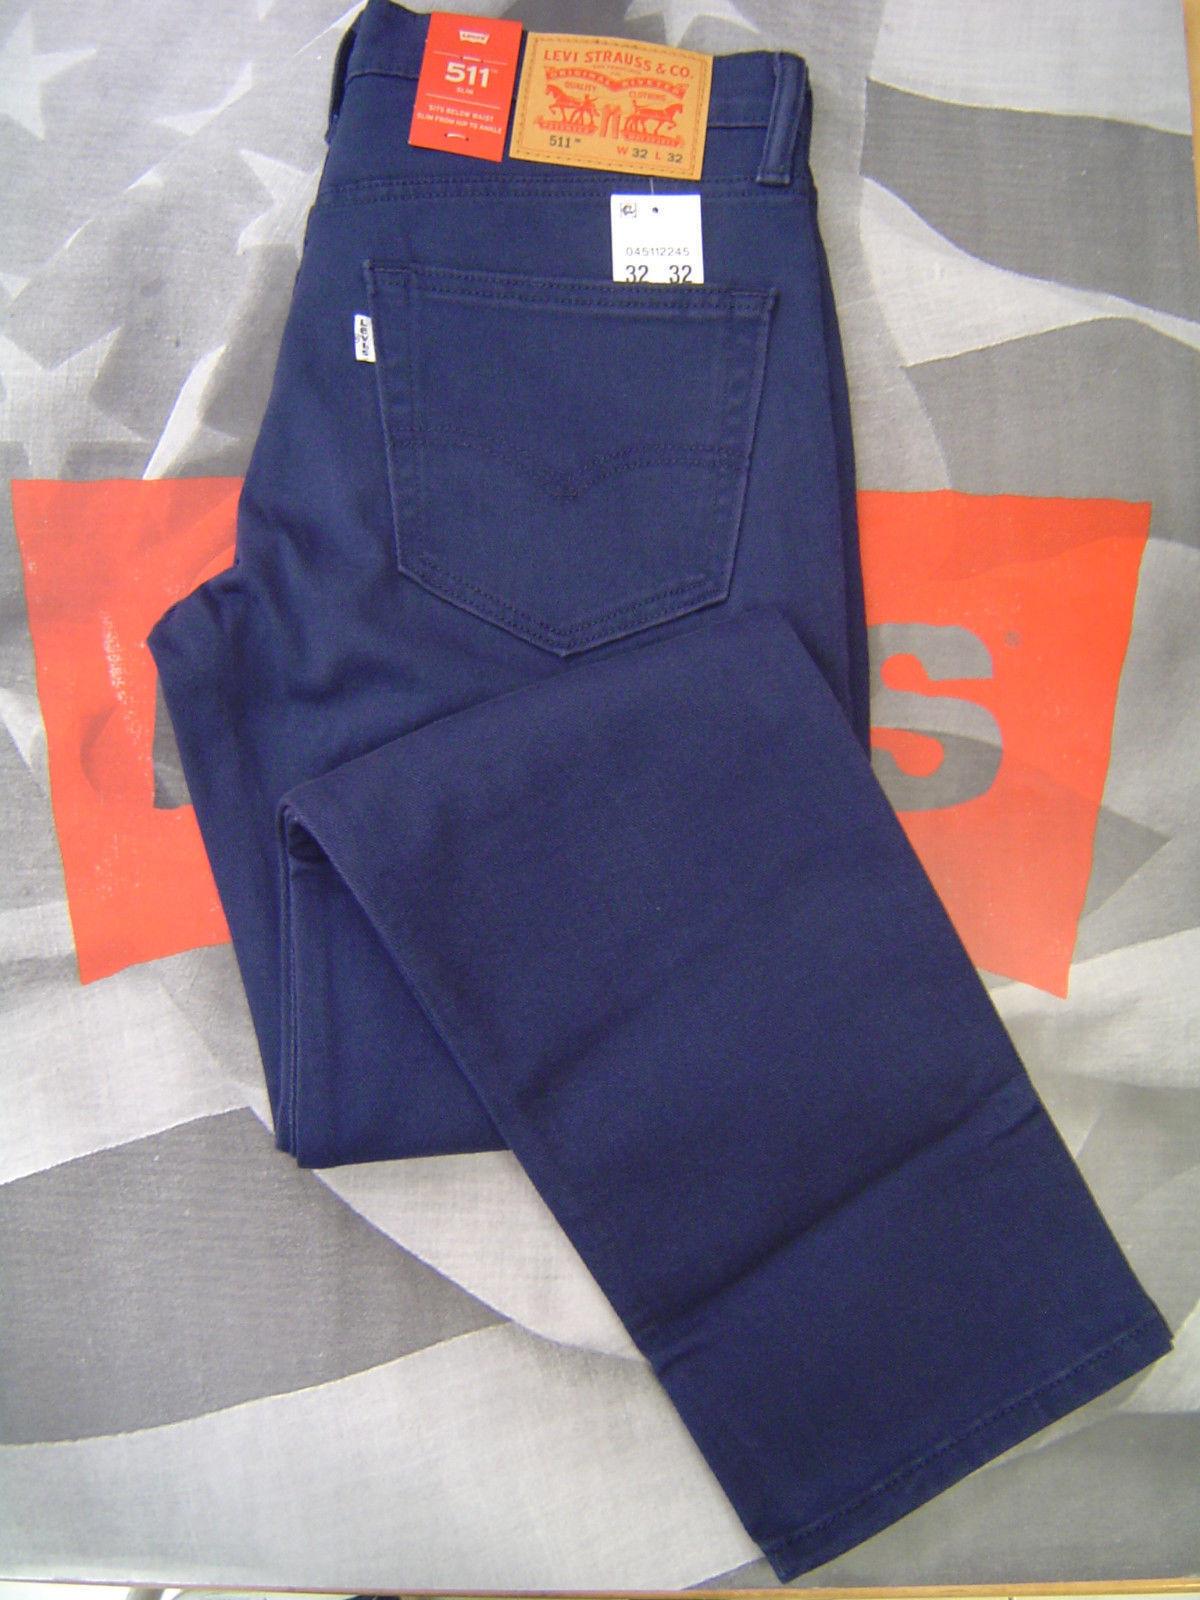 f2dc3f5f627 Levis 511 Slim Fit Mens Jeans Dress Blues | Huston Fislar Photography